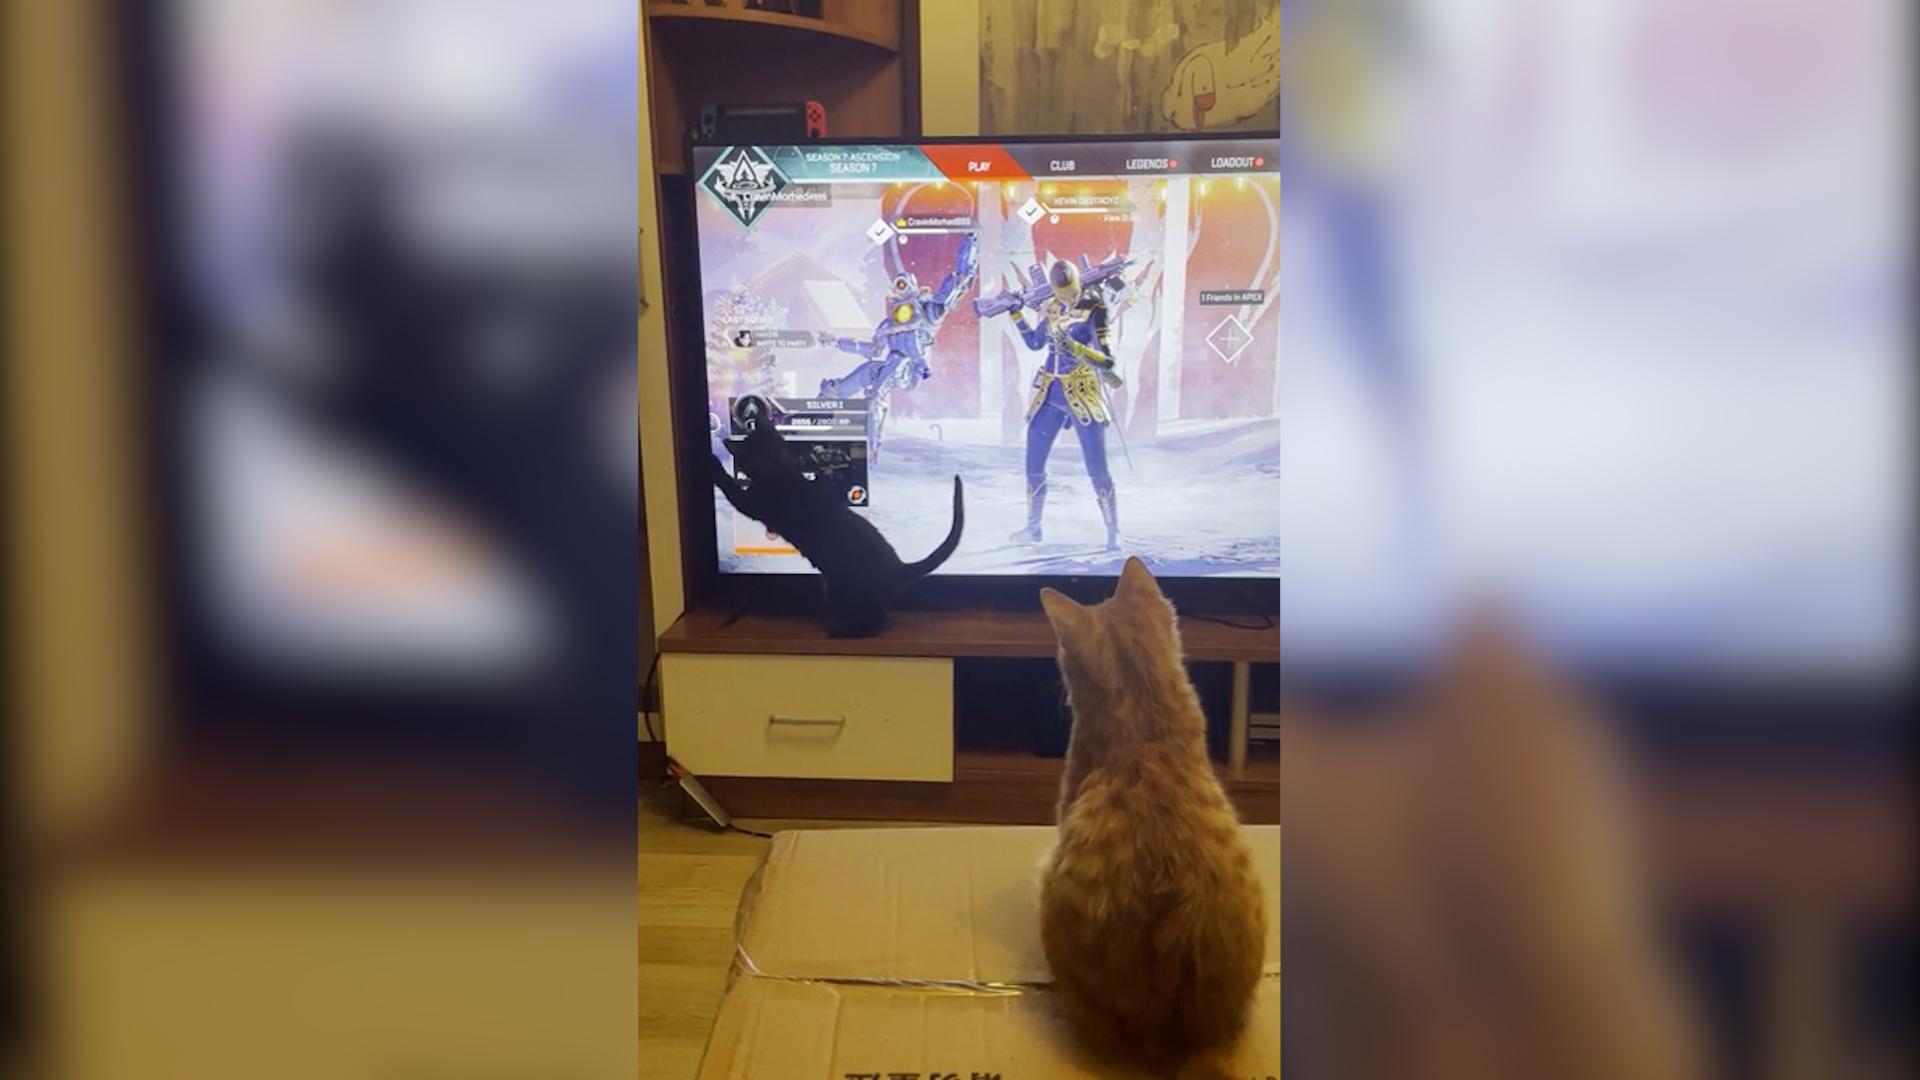 APEXファン「ロビー画面のカーソルで猫と遊んでみた」